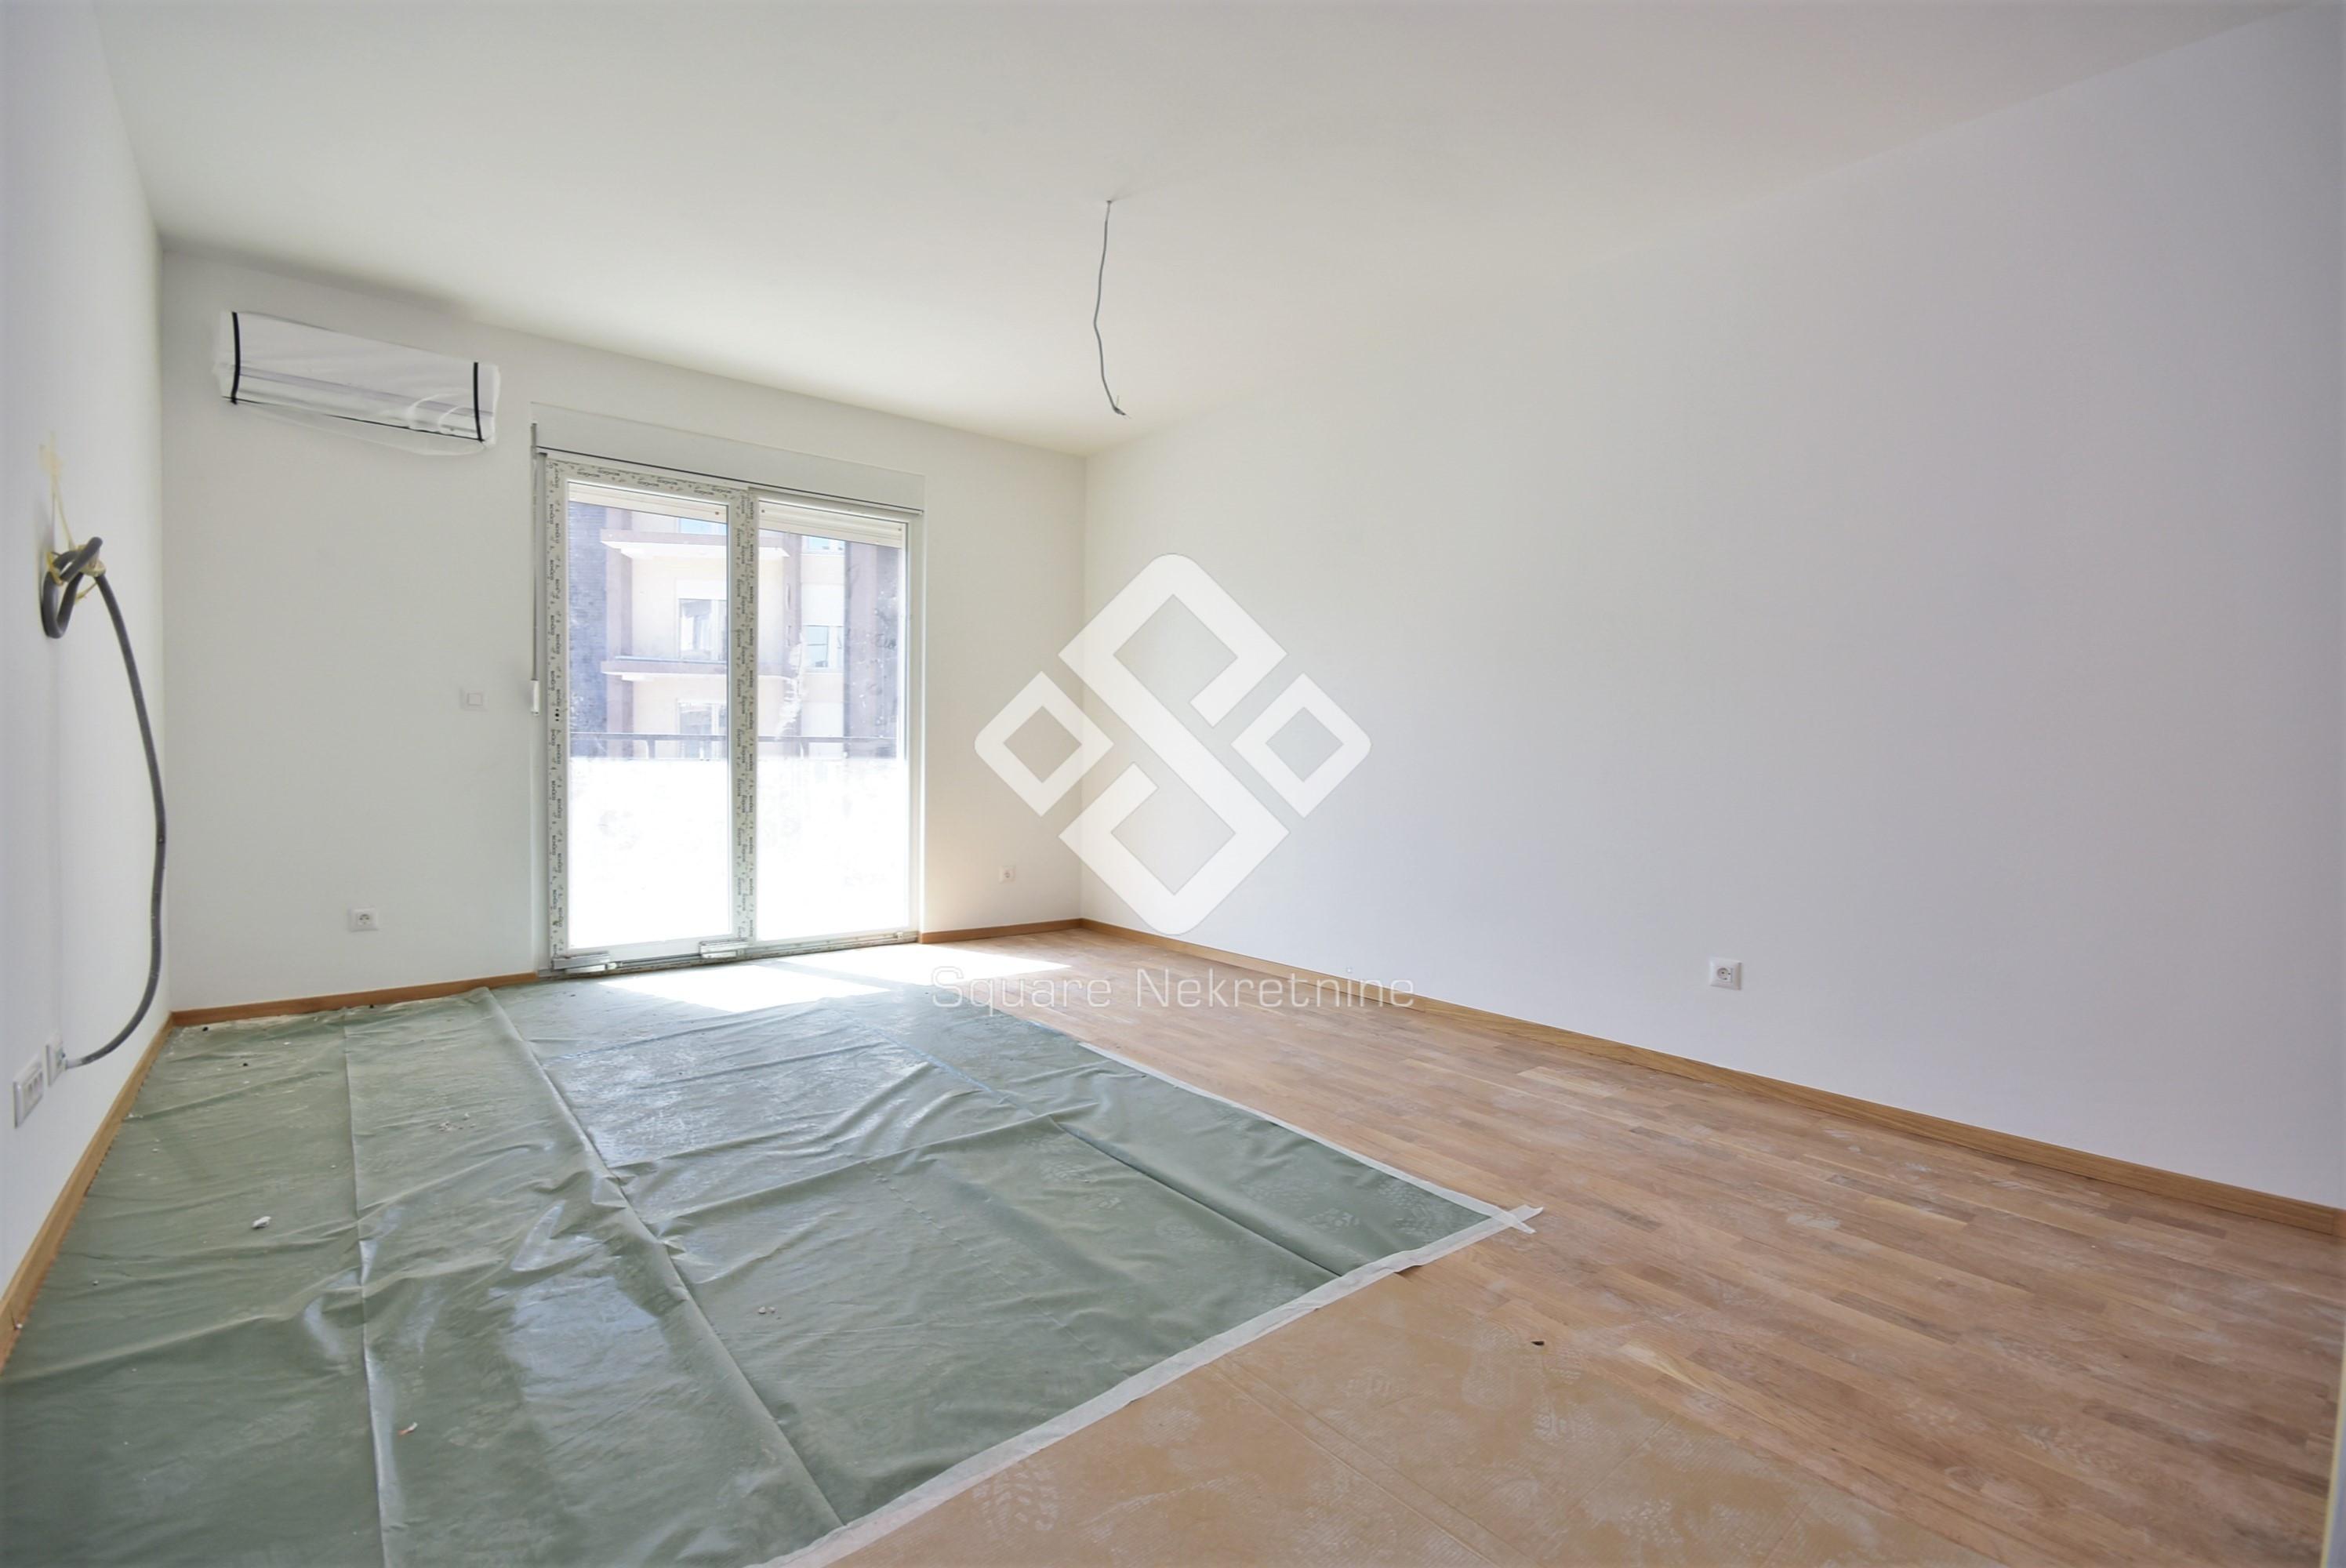 Jednosoban stan 53m2, u izgradnji + garaza, Ljubovic